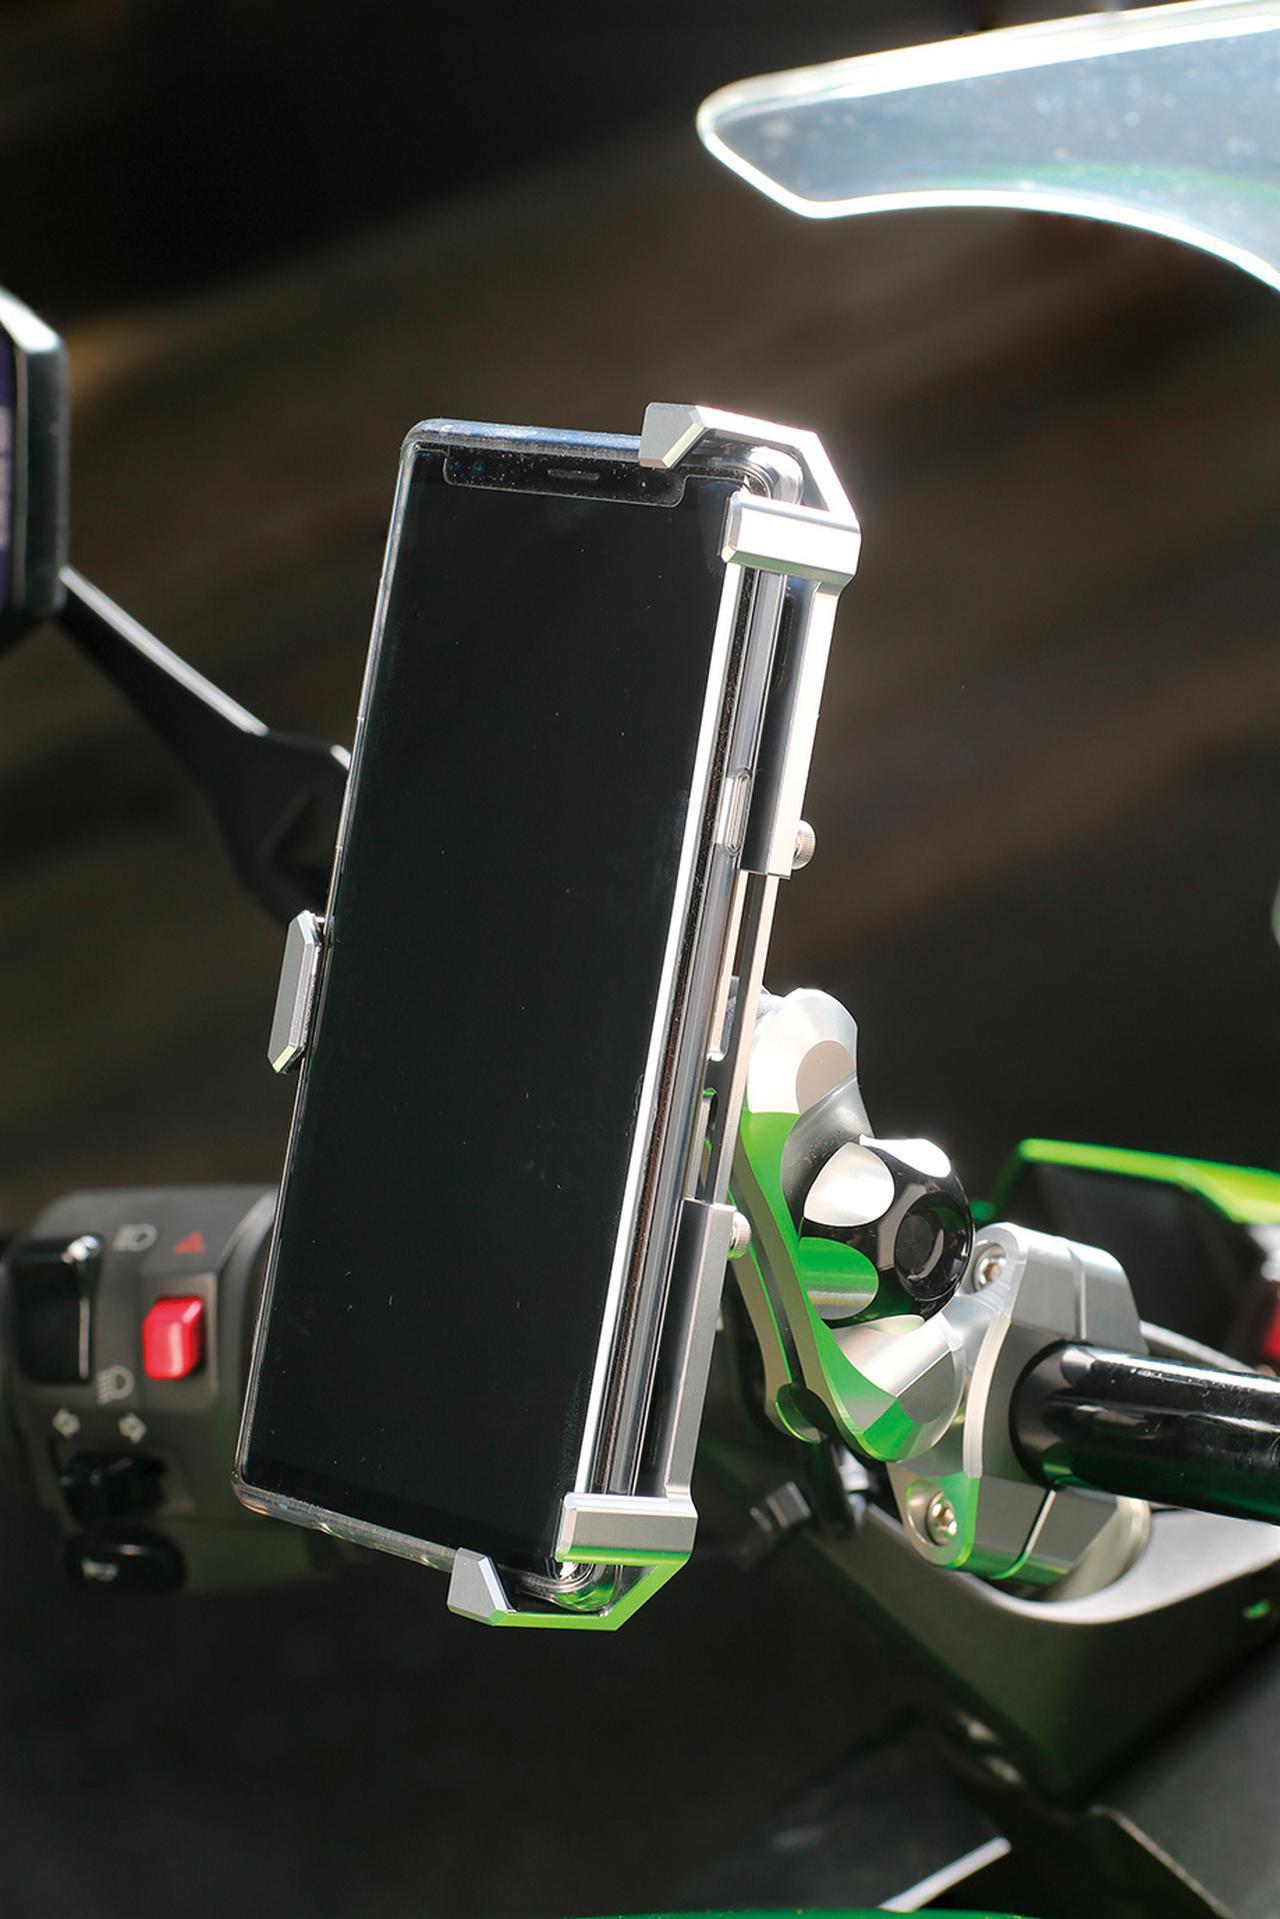 画像: 「工芸品」といえる品質の二輪用スマホホルダー! サインハウスのマウントシステムに注目 - webオートバイ